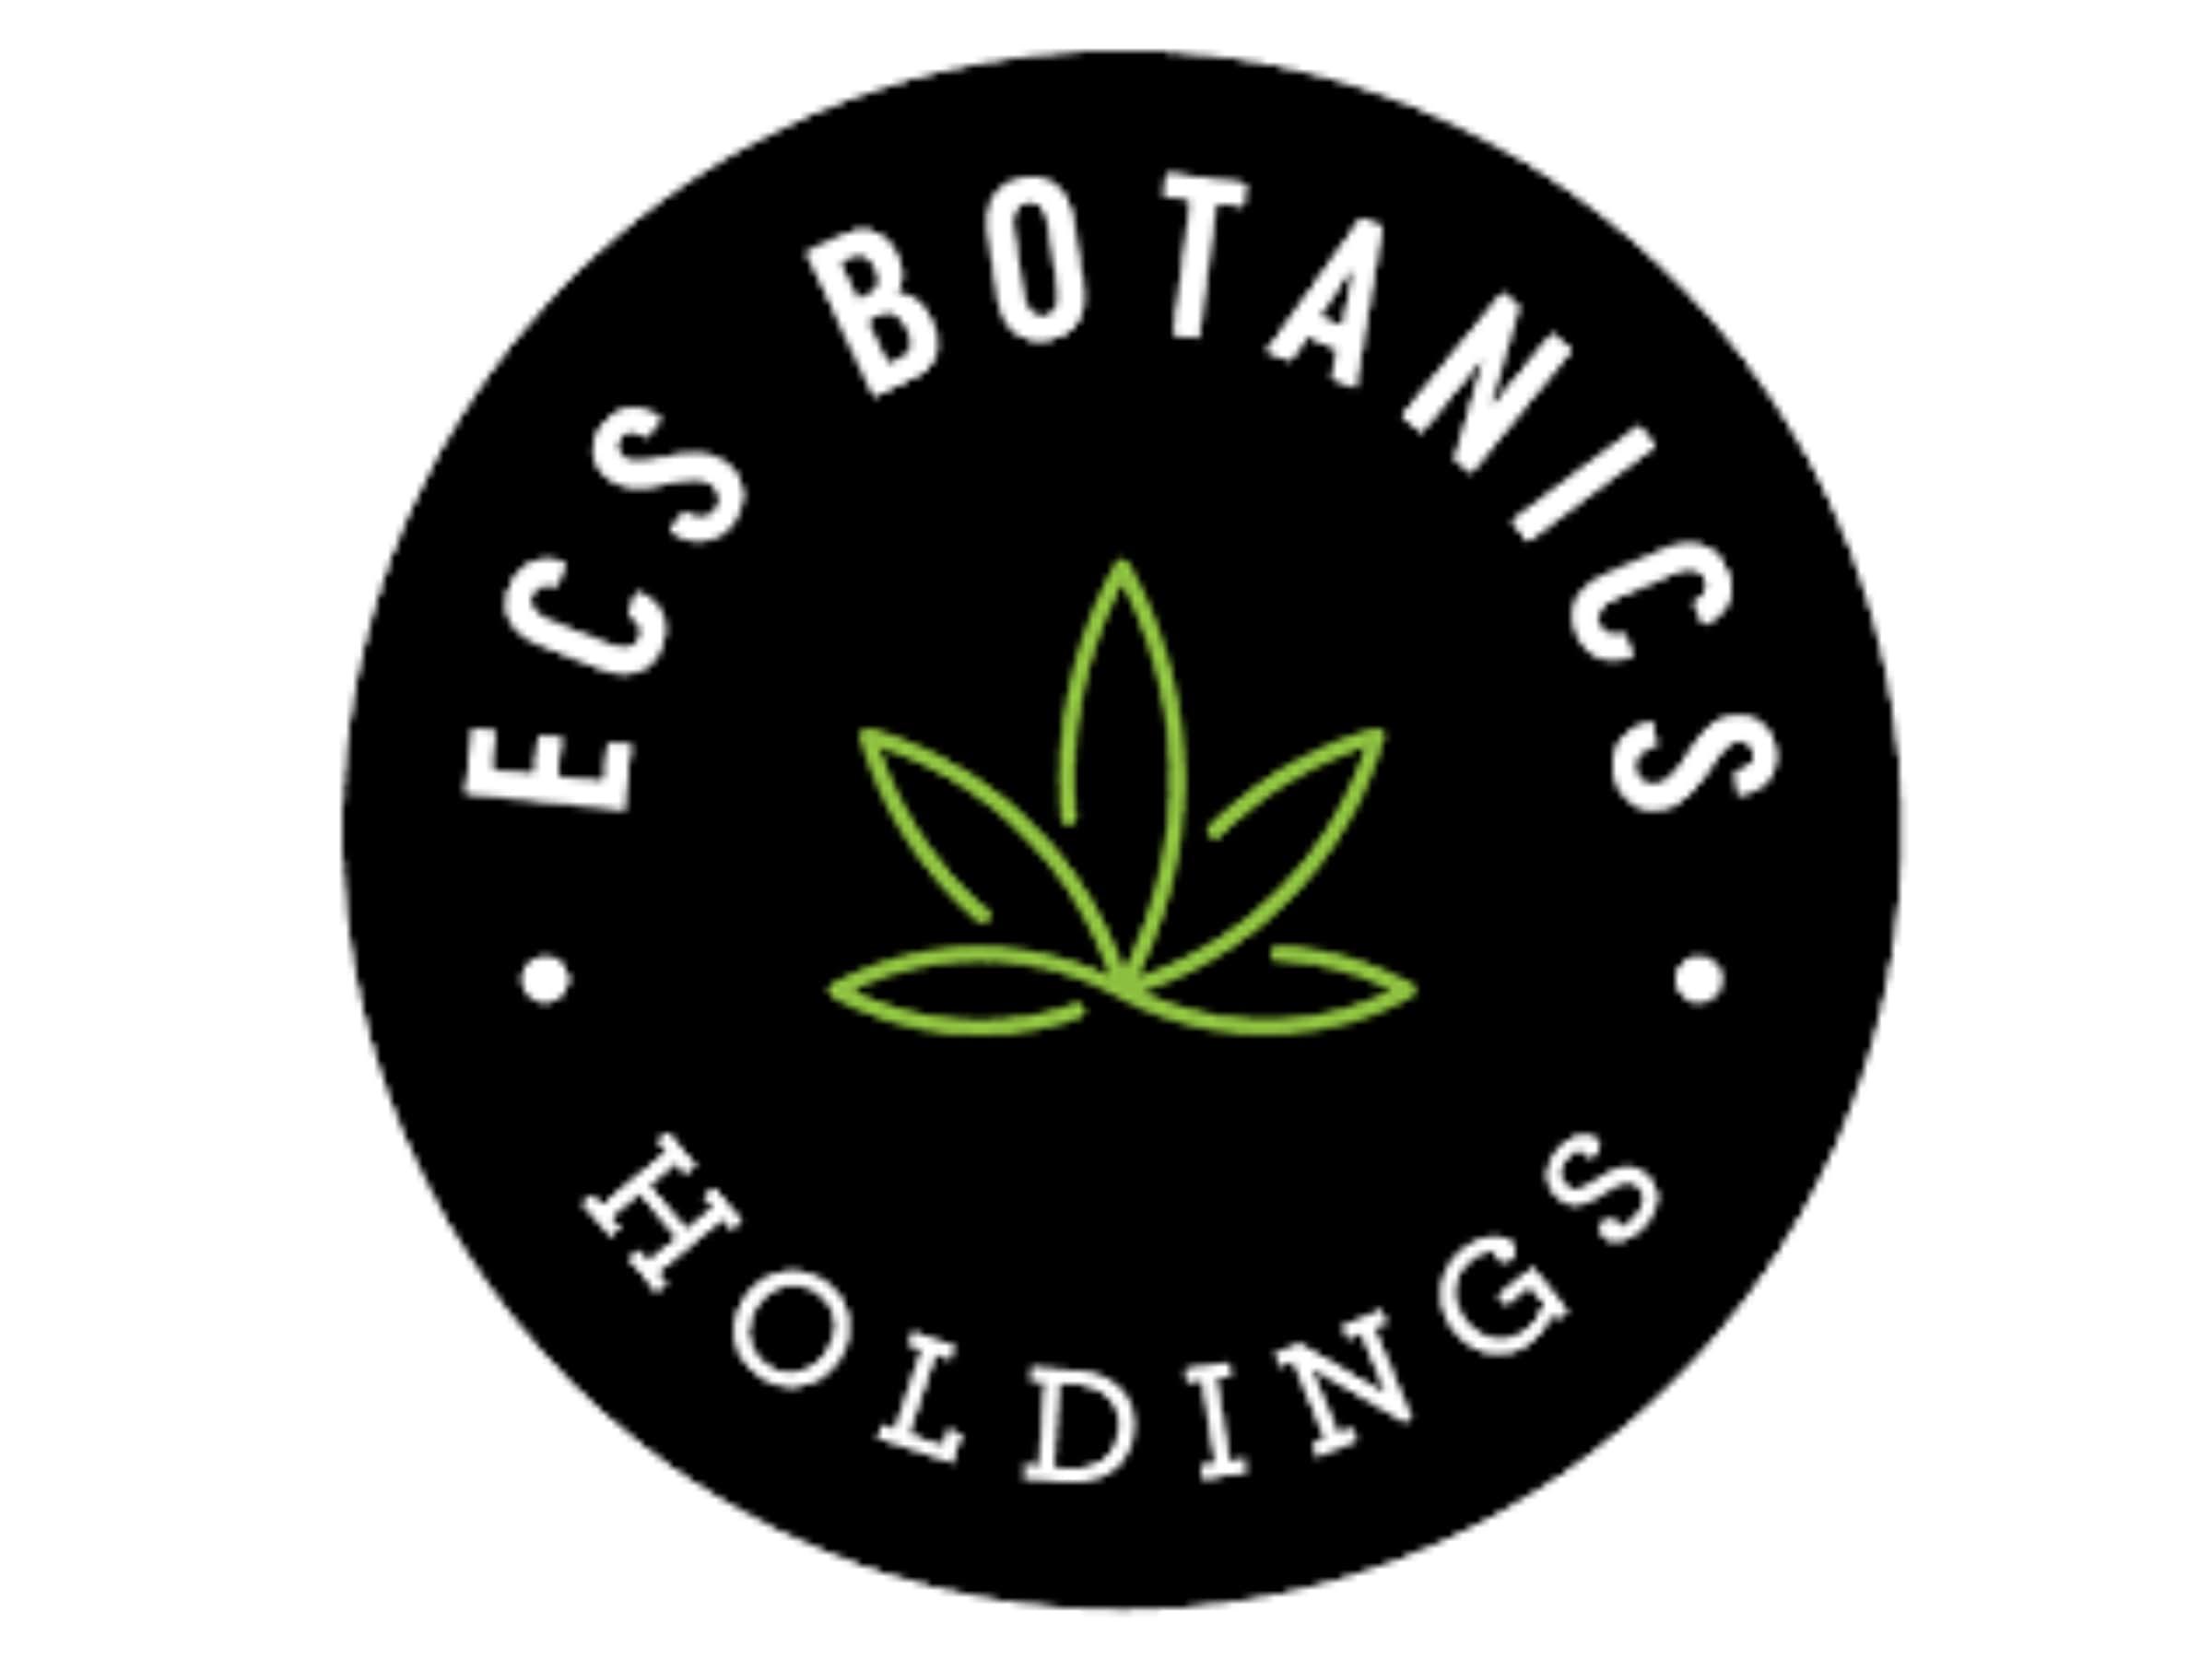 ECS Botanics Pty Ltd